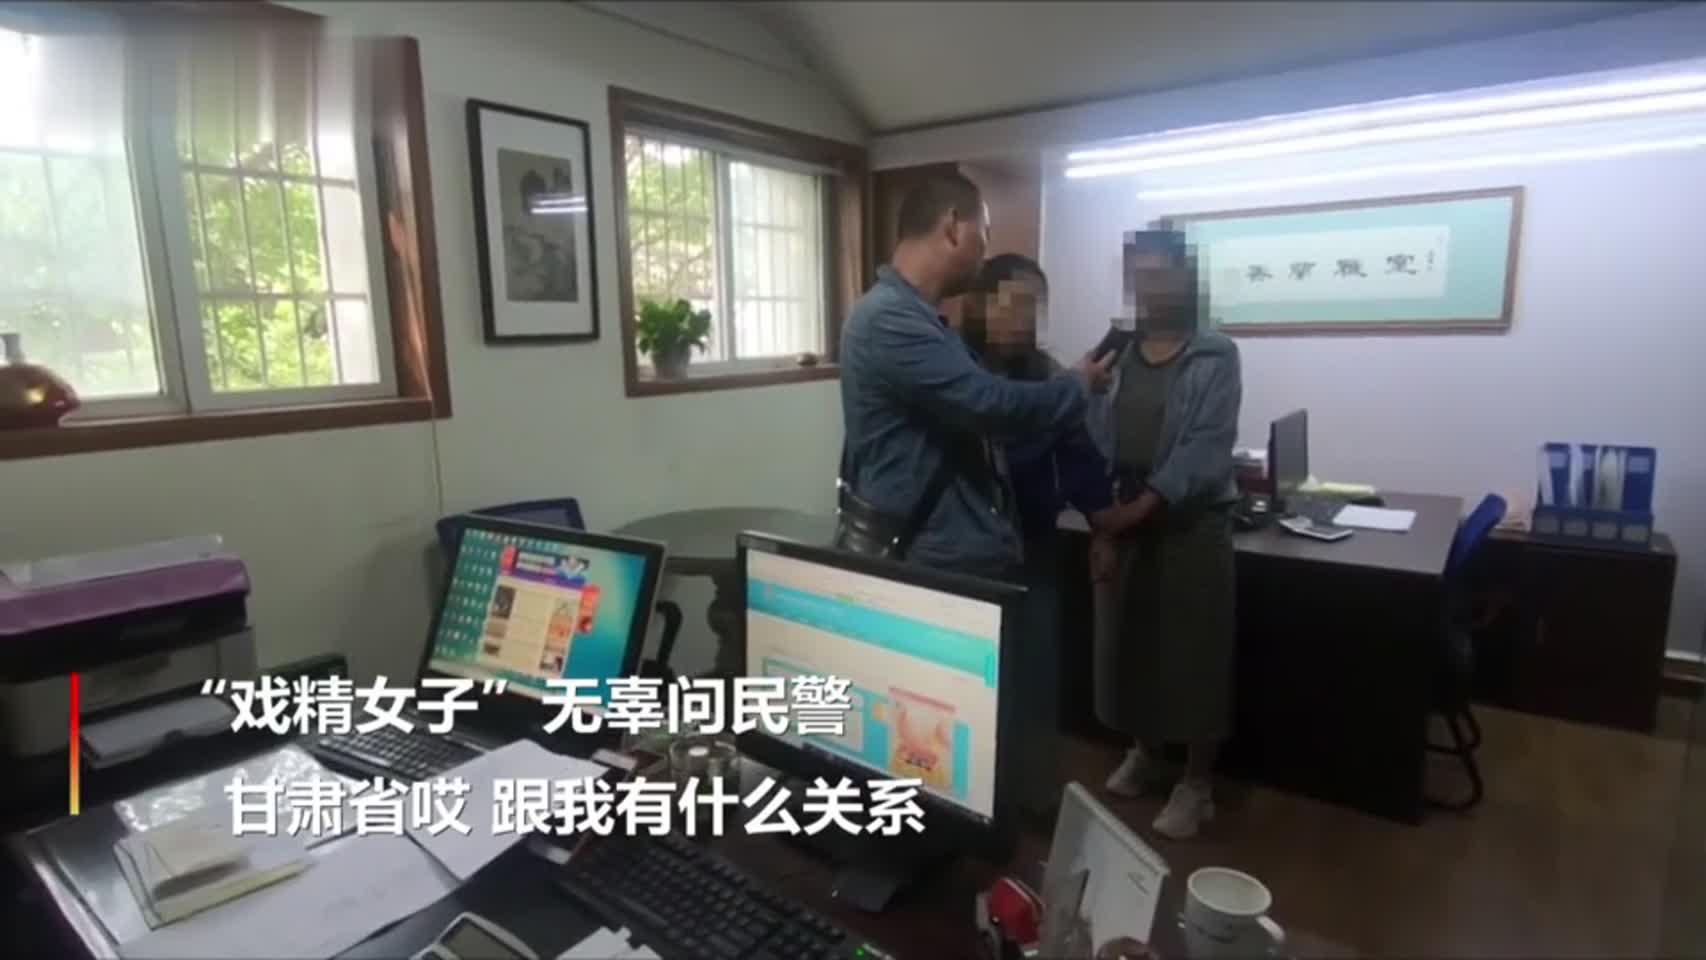 """甘肃跨省抓捕套路贷成员 嫌疑人反""""无辜""""发问"""